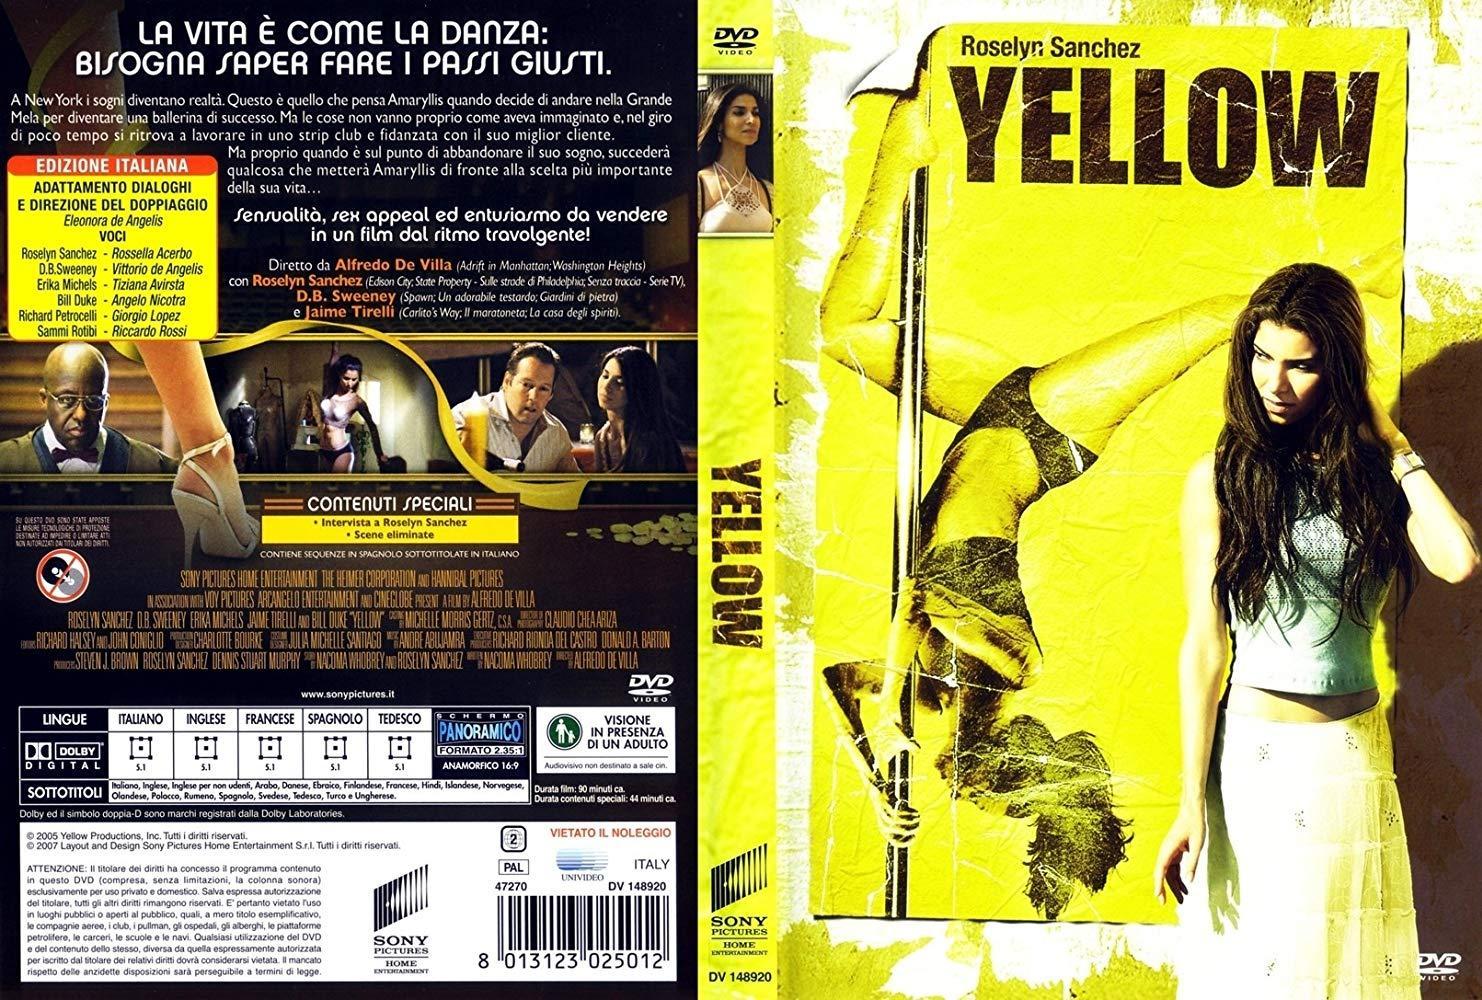 مشاهدة فيلم Yellow 2006 HD مترجم كامل اون لاين (للكبار فقط)